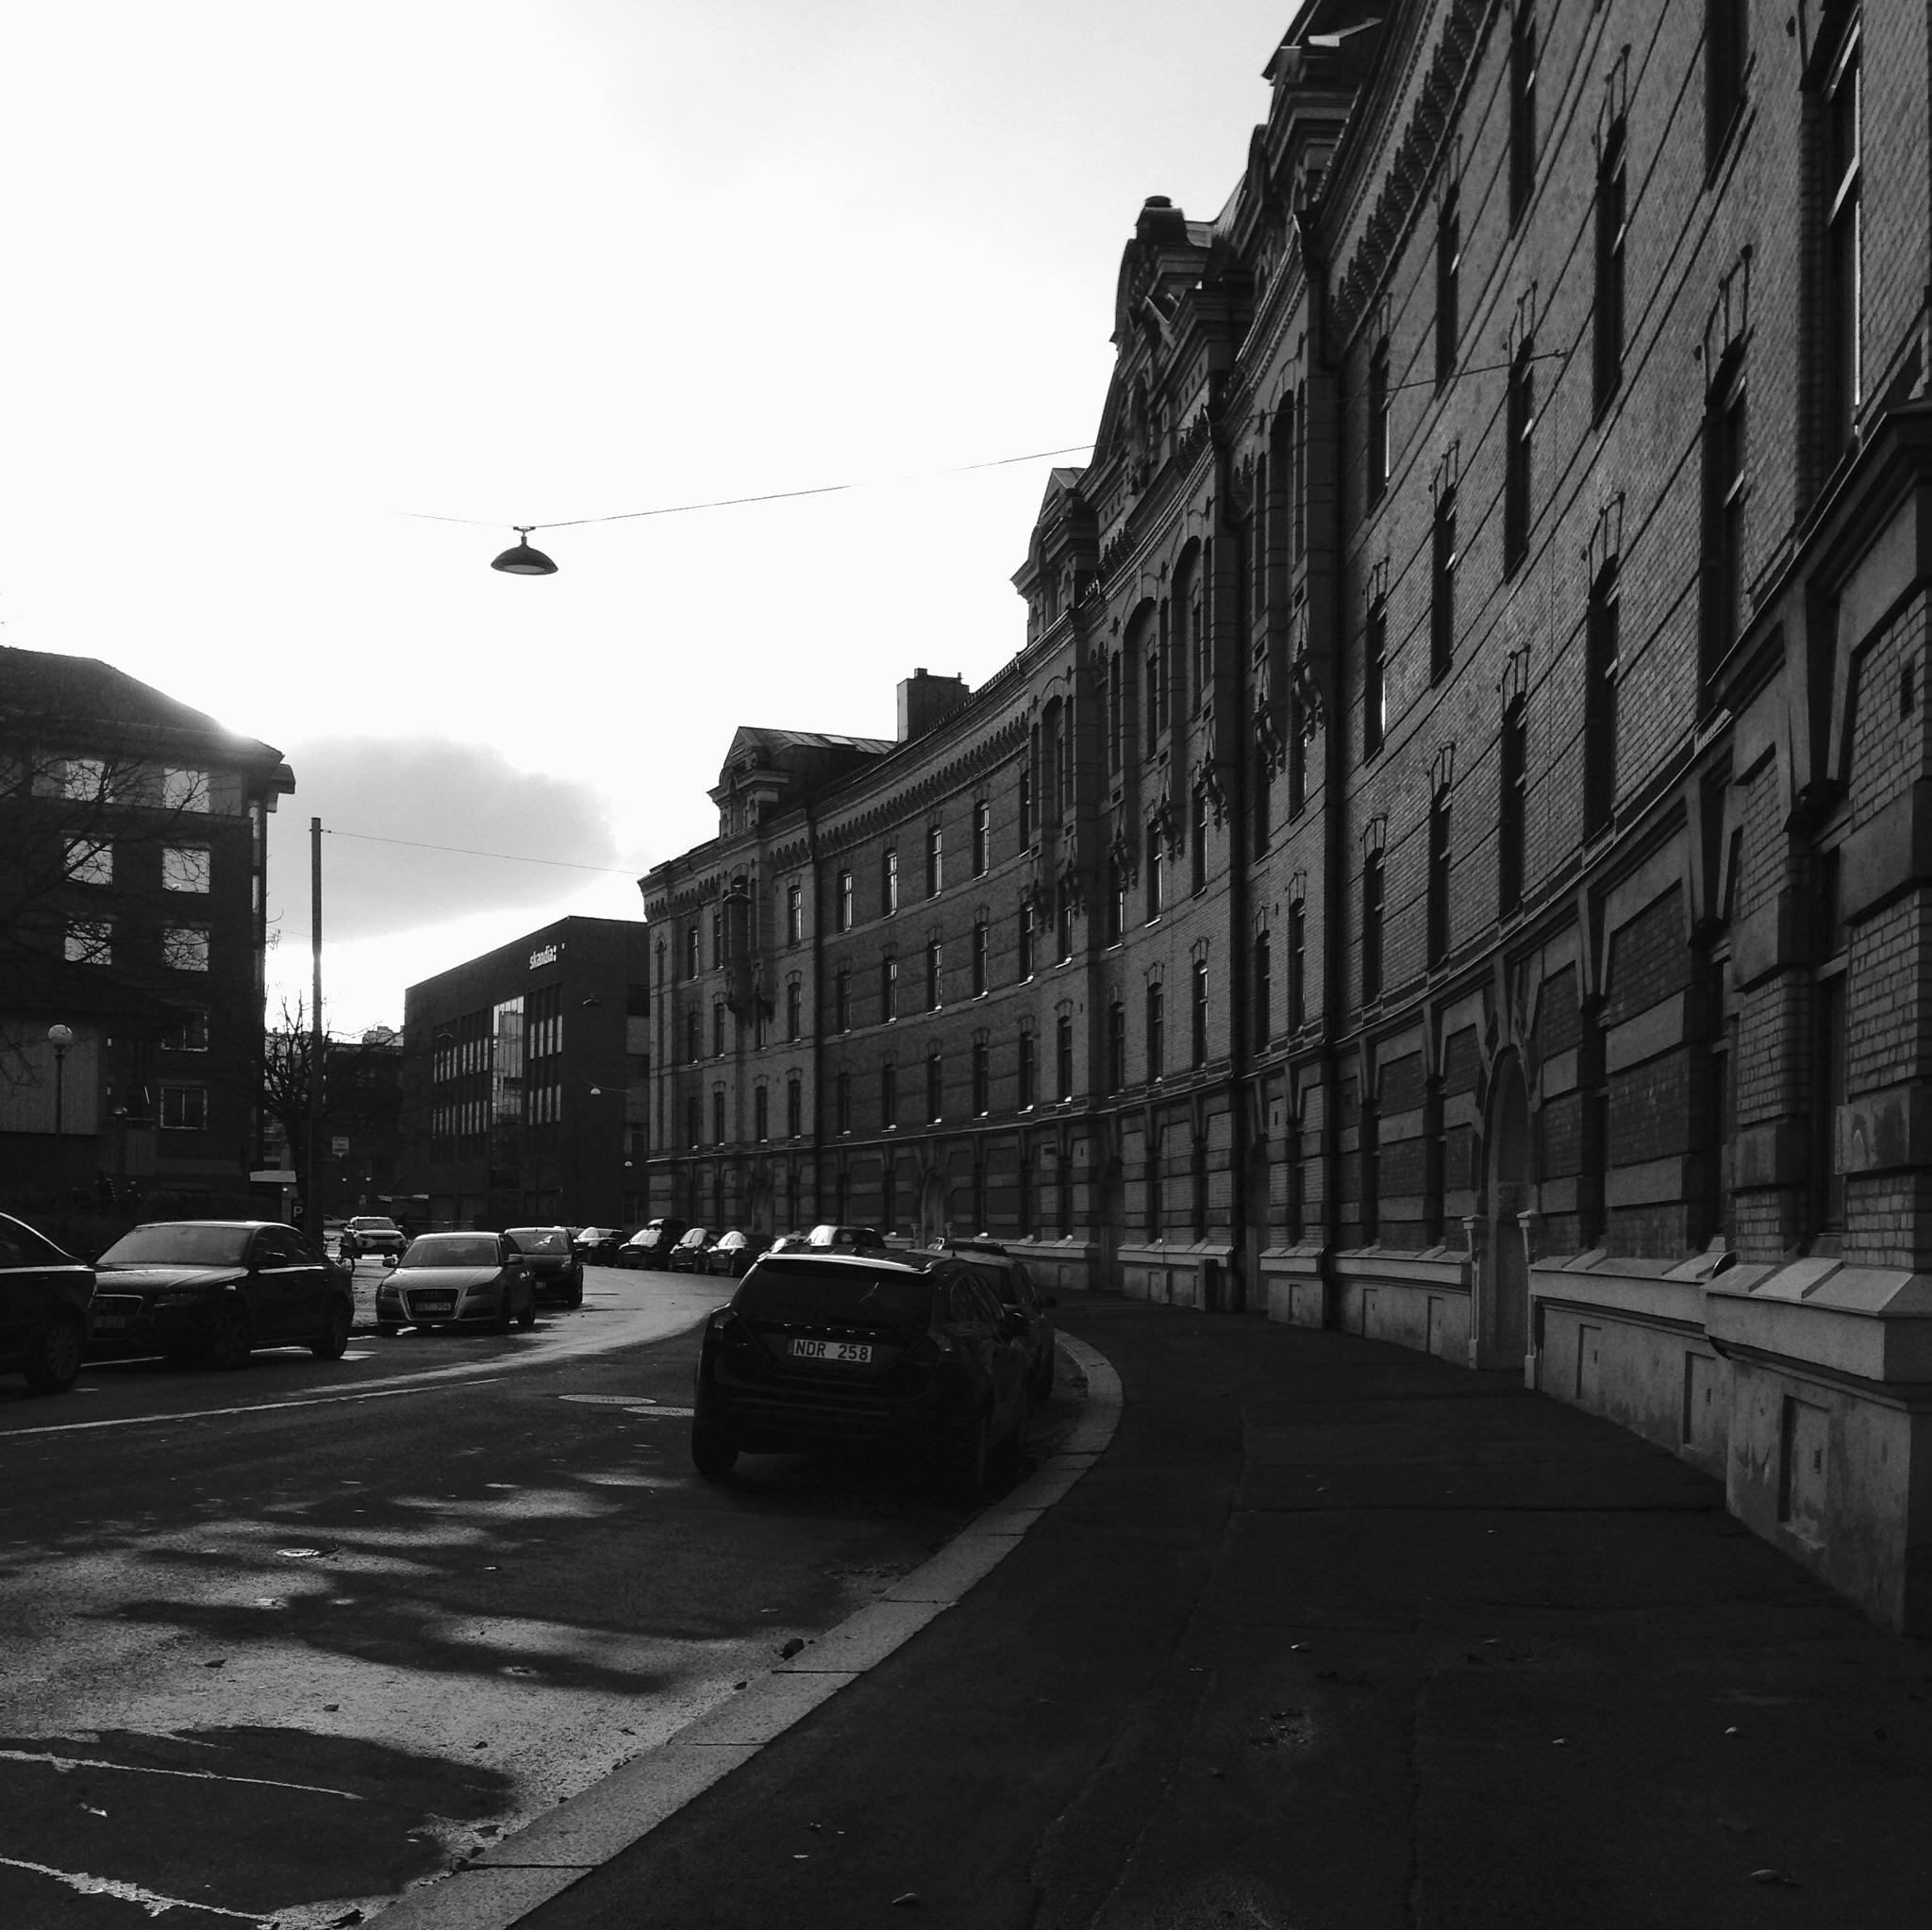 Goteborg, 2013 by piamonte.jr